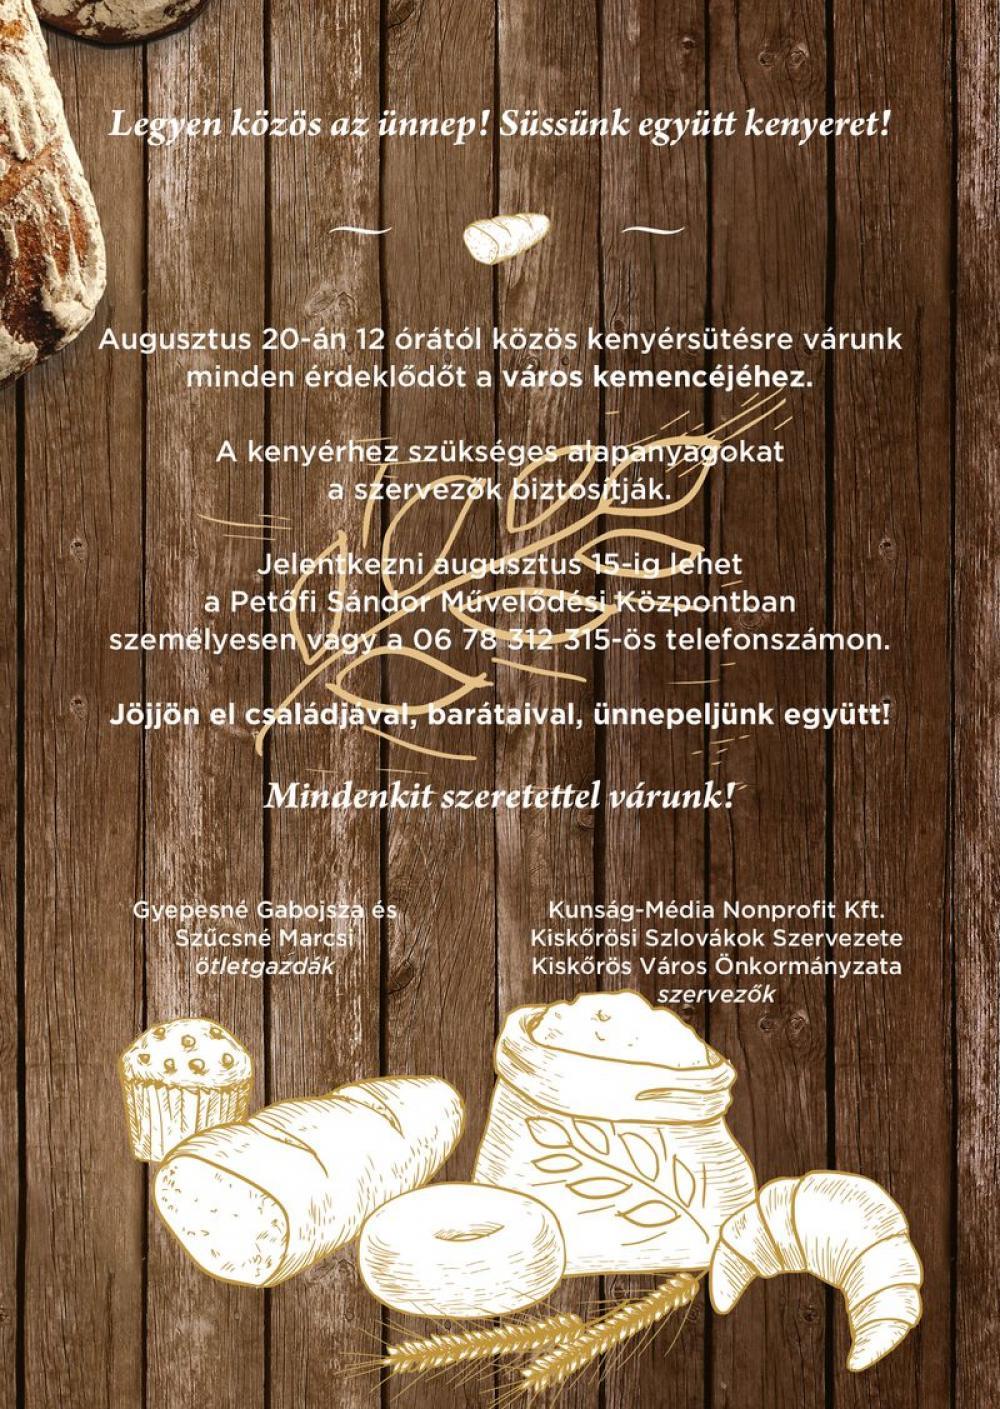 Legyen közös az ünnep! Süssünk együtt kenyeret!